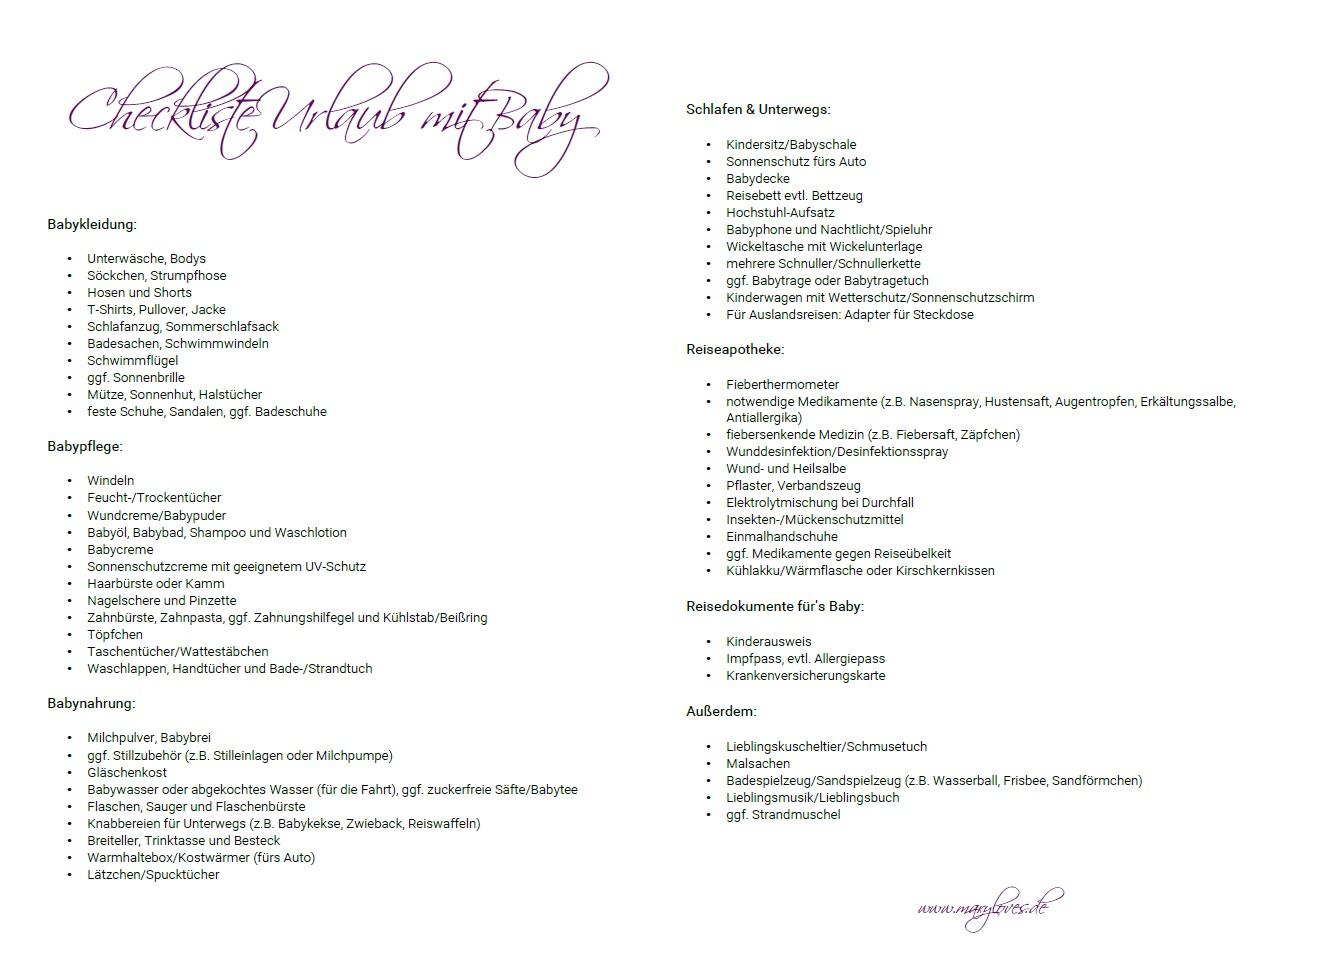 [Werbung unbeauftragt - enthält Partnerlinks] Checkliste für den Badeurlaub